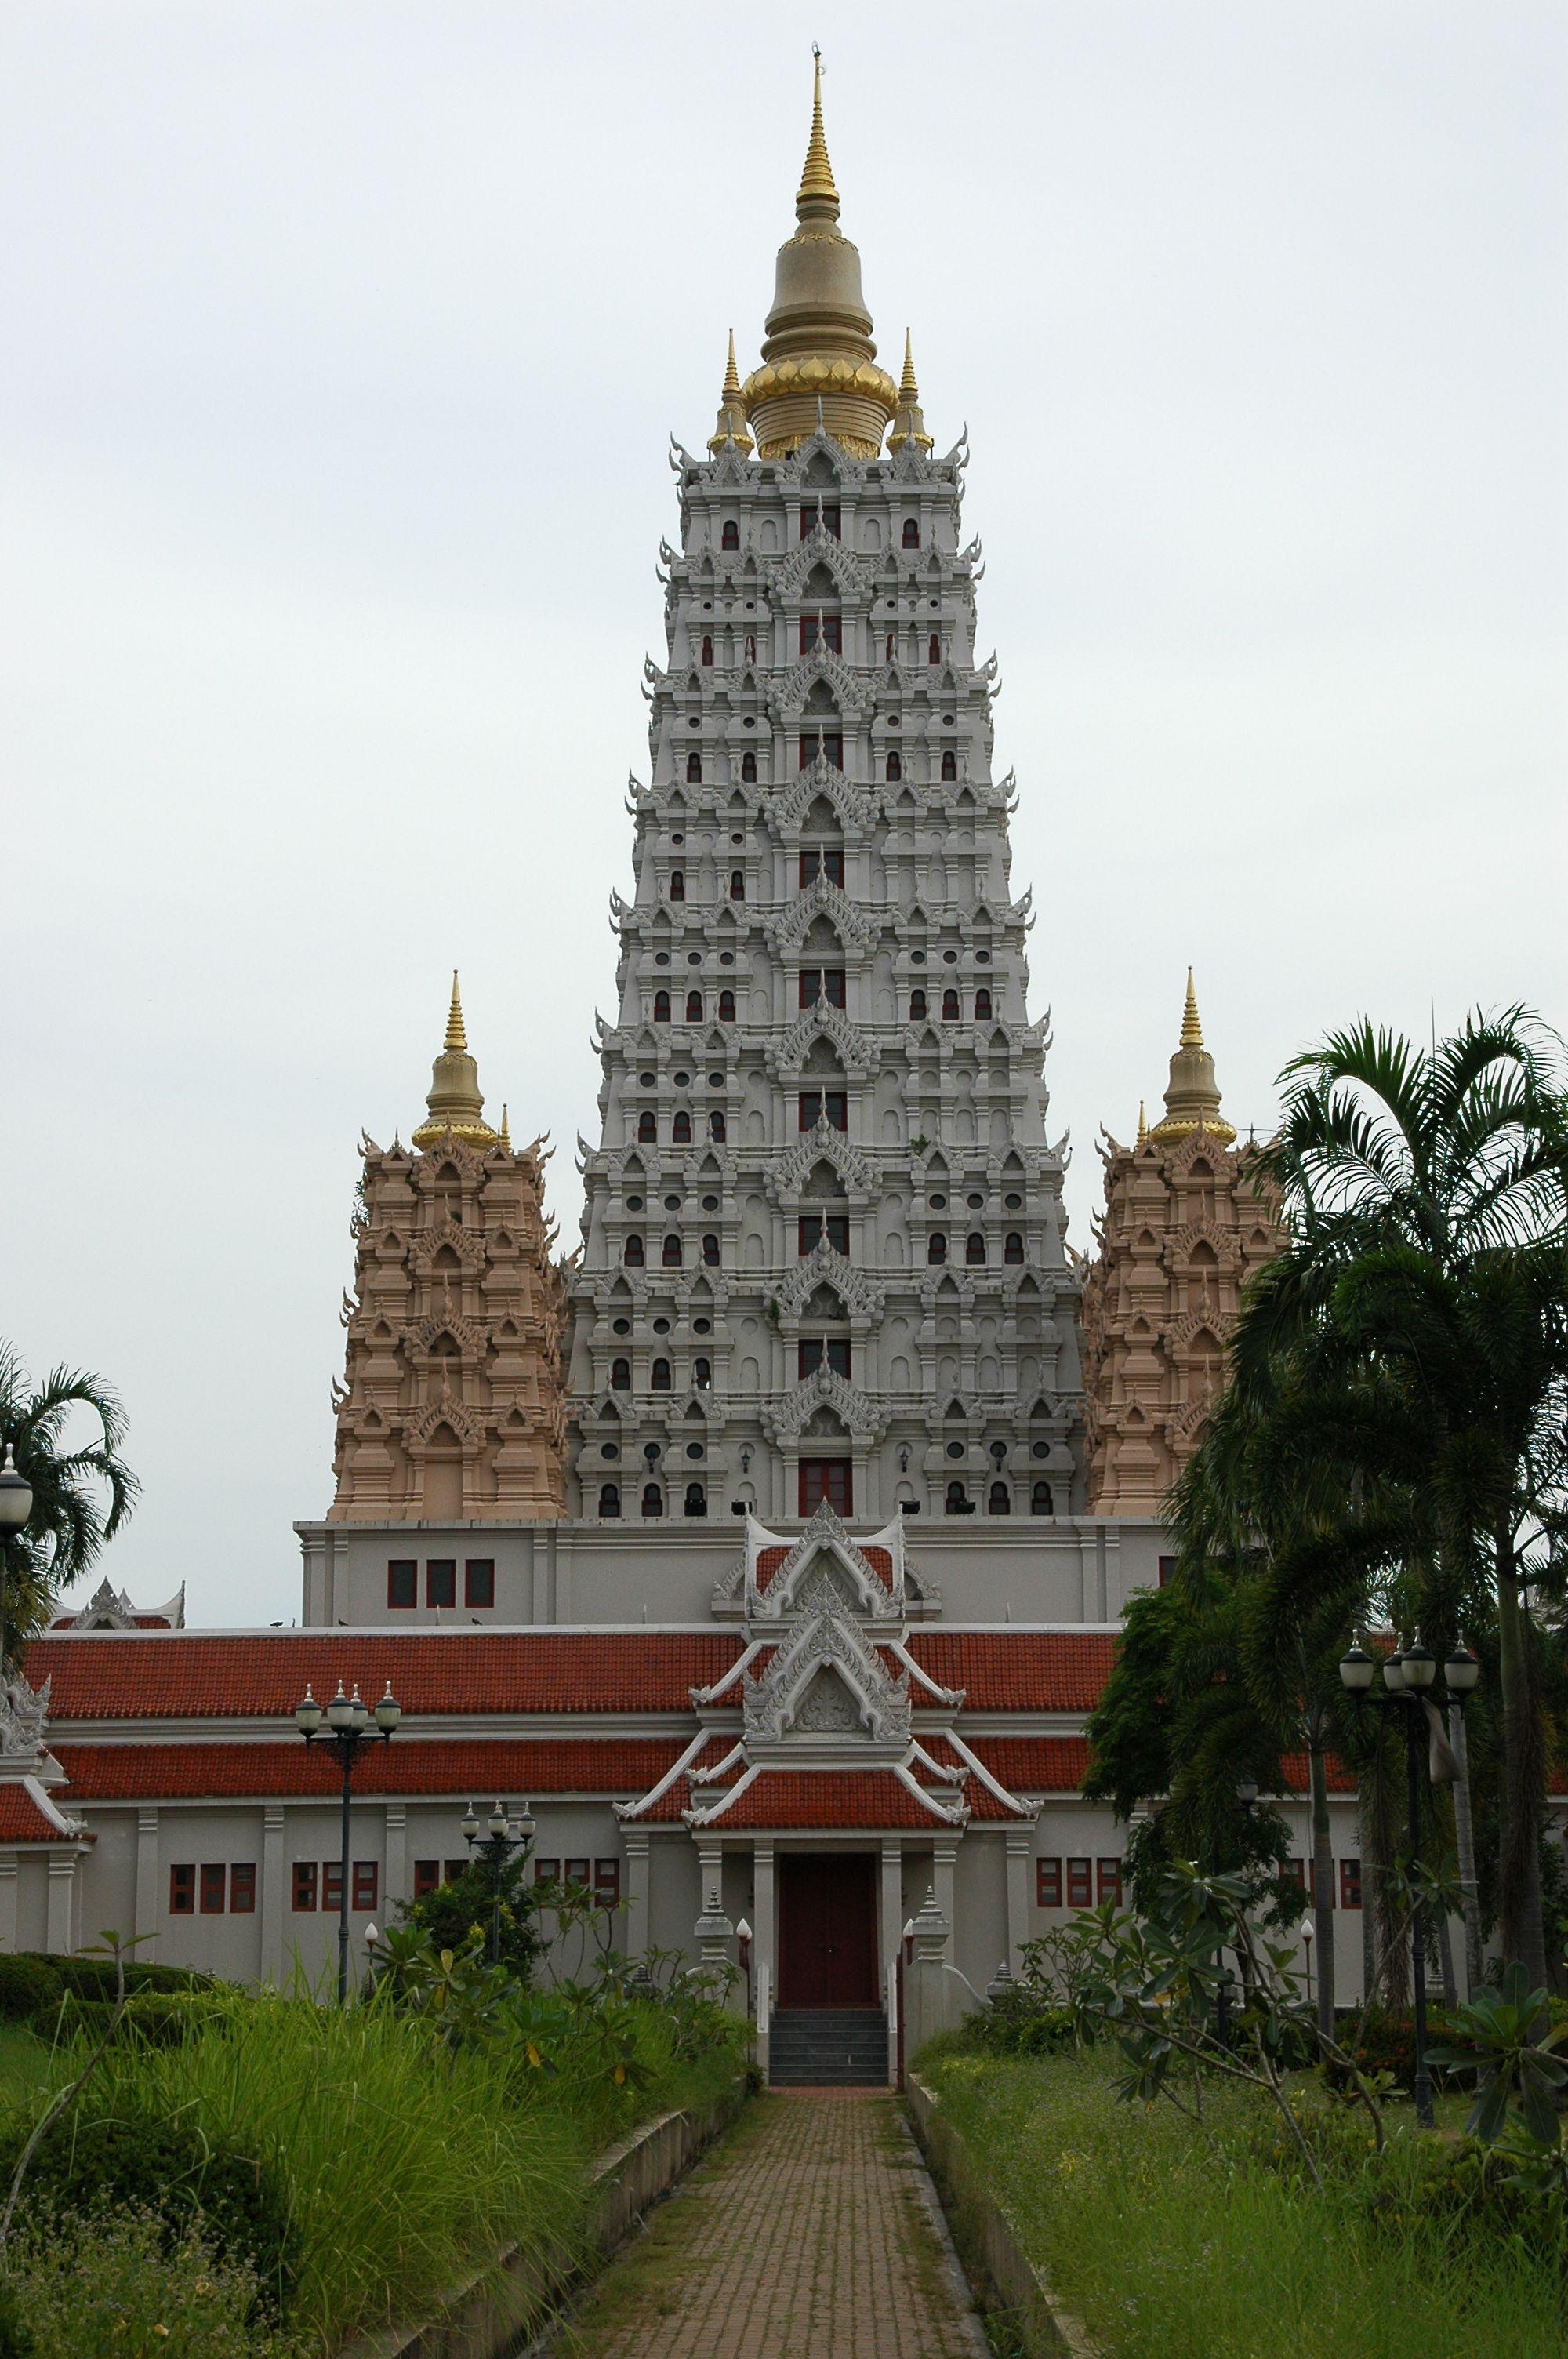 Wat Yansangwararam, Pattaya: Der Tempel im indischen Stil ermöglicht einen wunderbaren Ausblick bis hin zur Küste Pattayas. Photo CC by I, Endimione